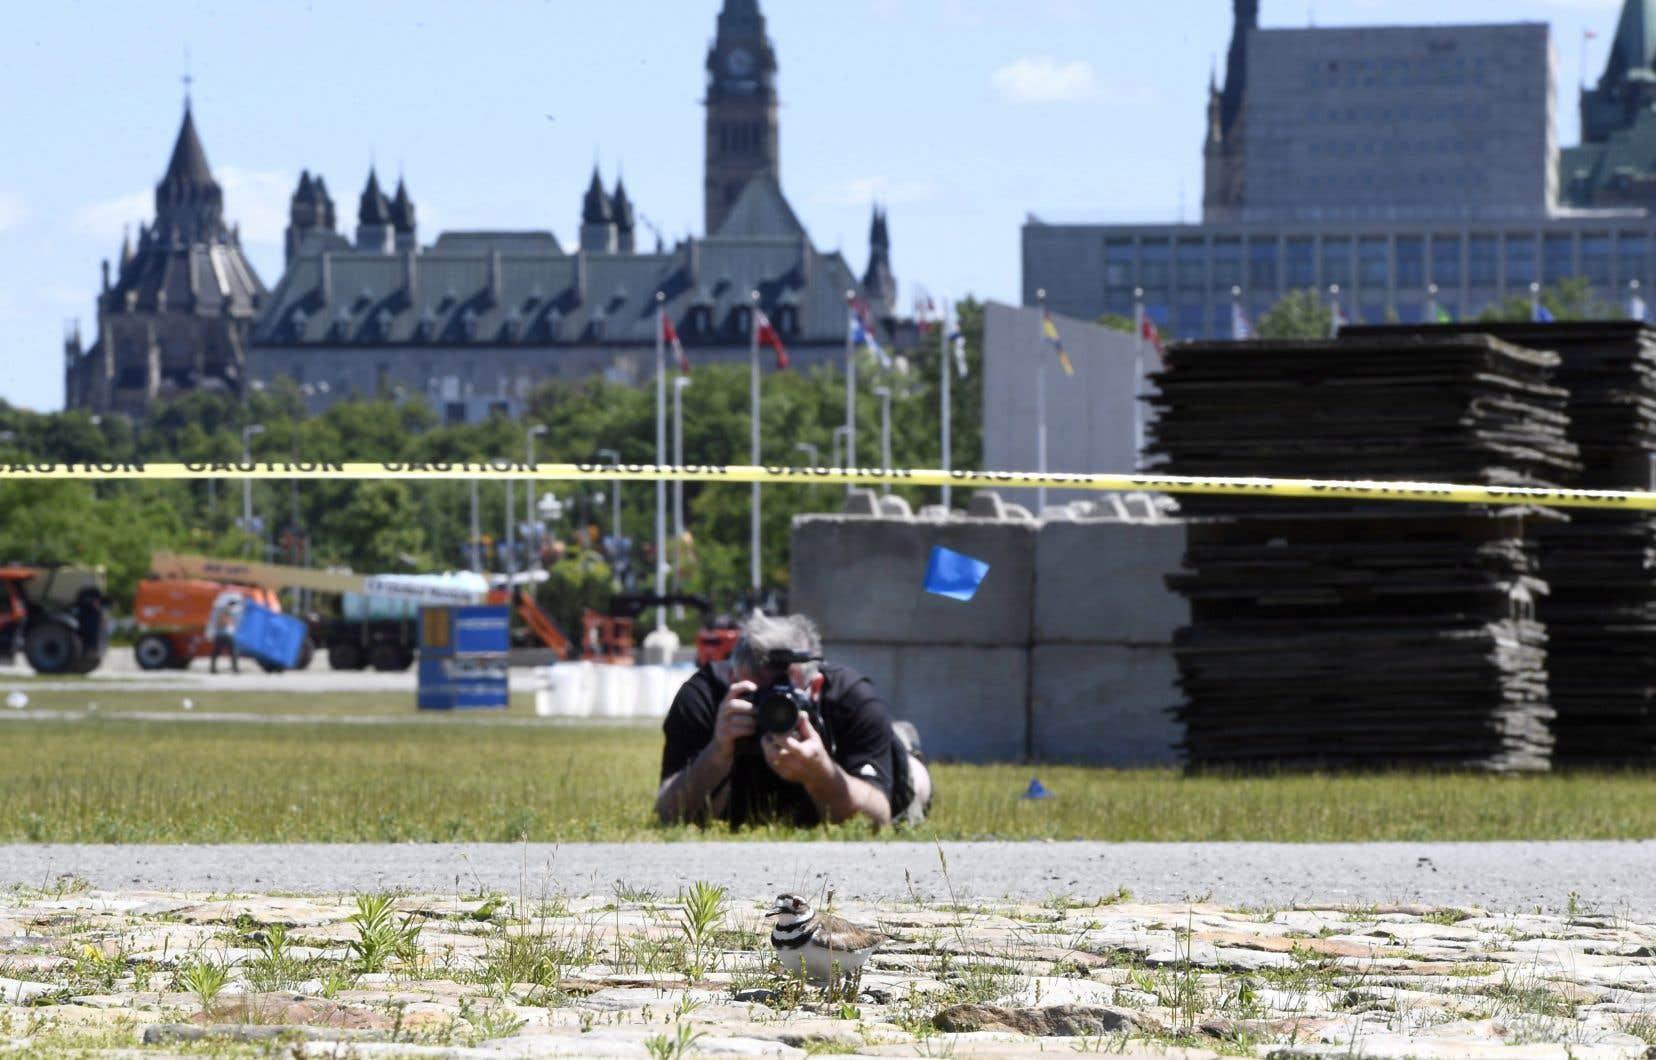 Quatre oeufs de pluvier kildir ont été retrouvés à l'endroit où devrait se dresser la scène principale du Bluesfest d'Ottawa.